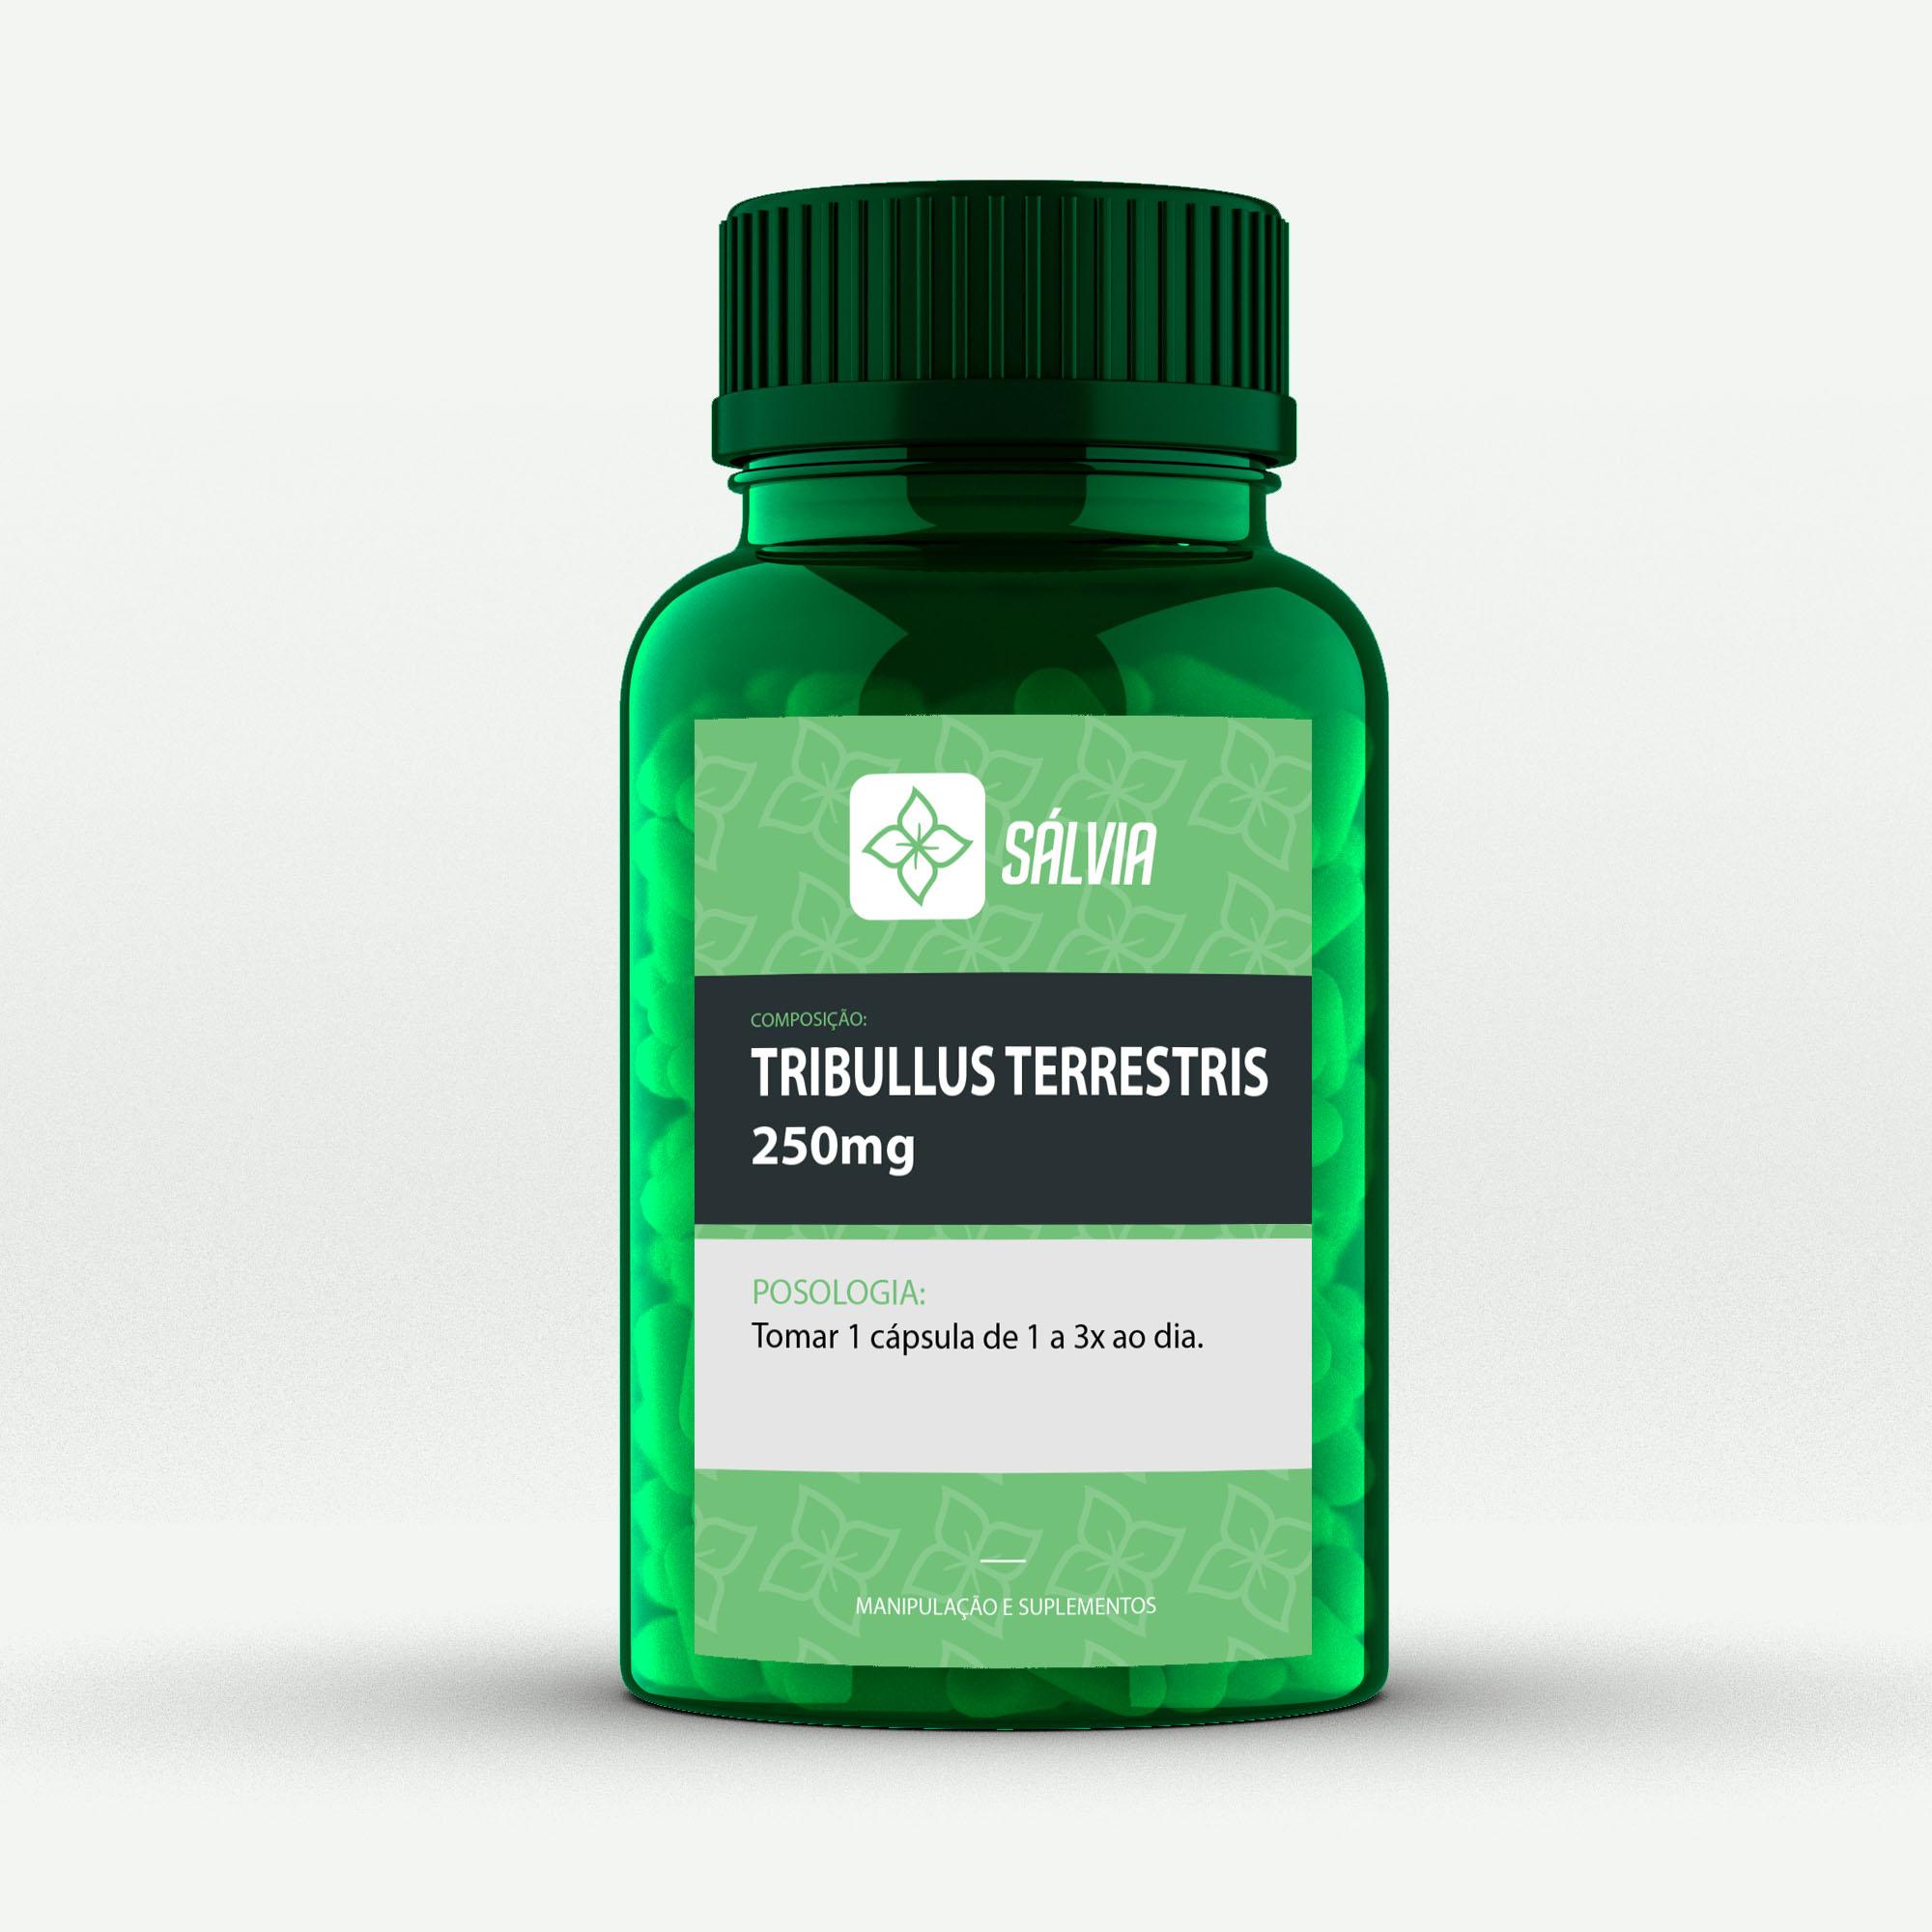 TRIBULLUS TERRESTRIS 250mg - Cápsulas